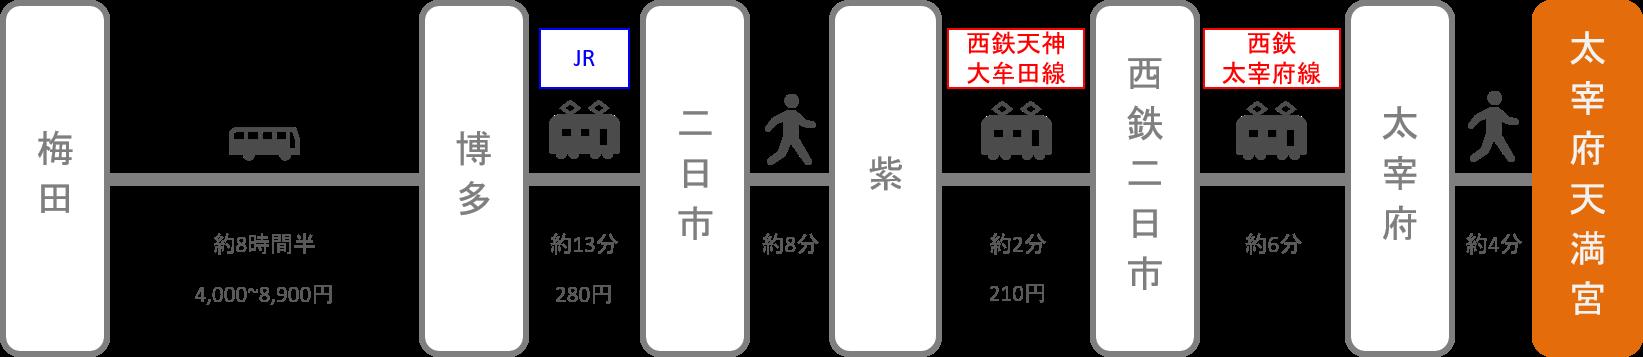 太宰府天満宮_大阪_高速バス